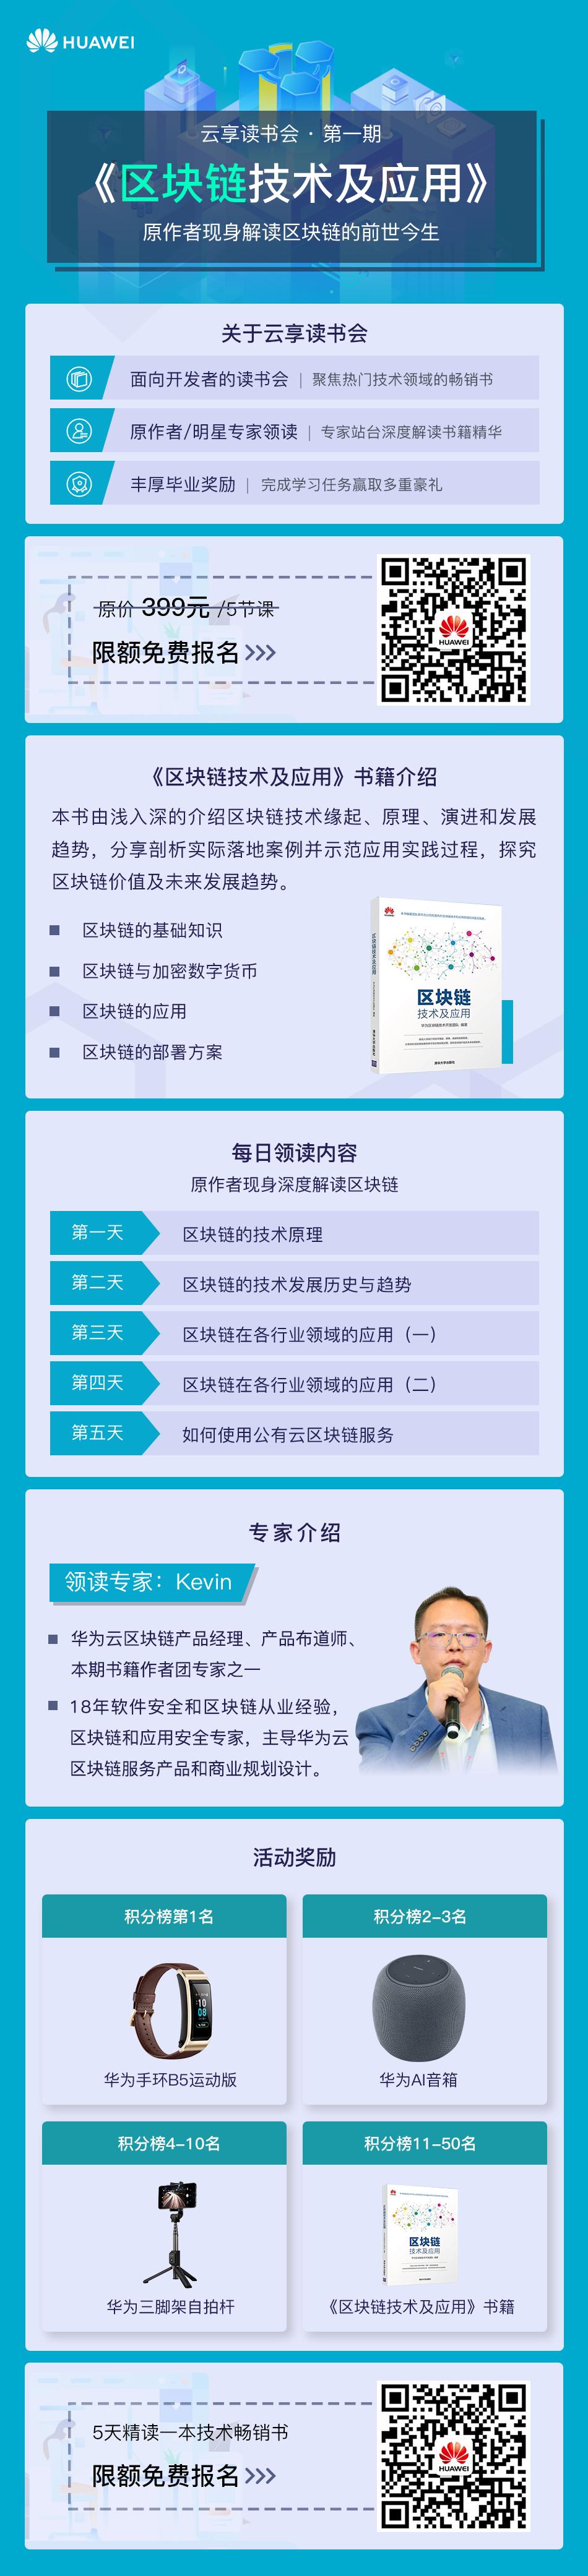 云享读书会-第一期-官网二维码-小昭.png